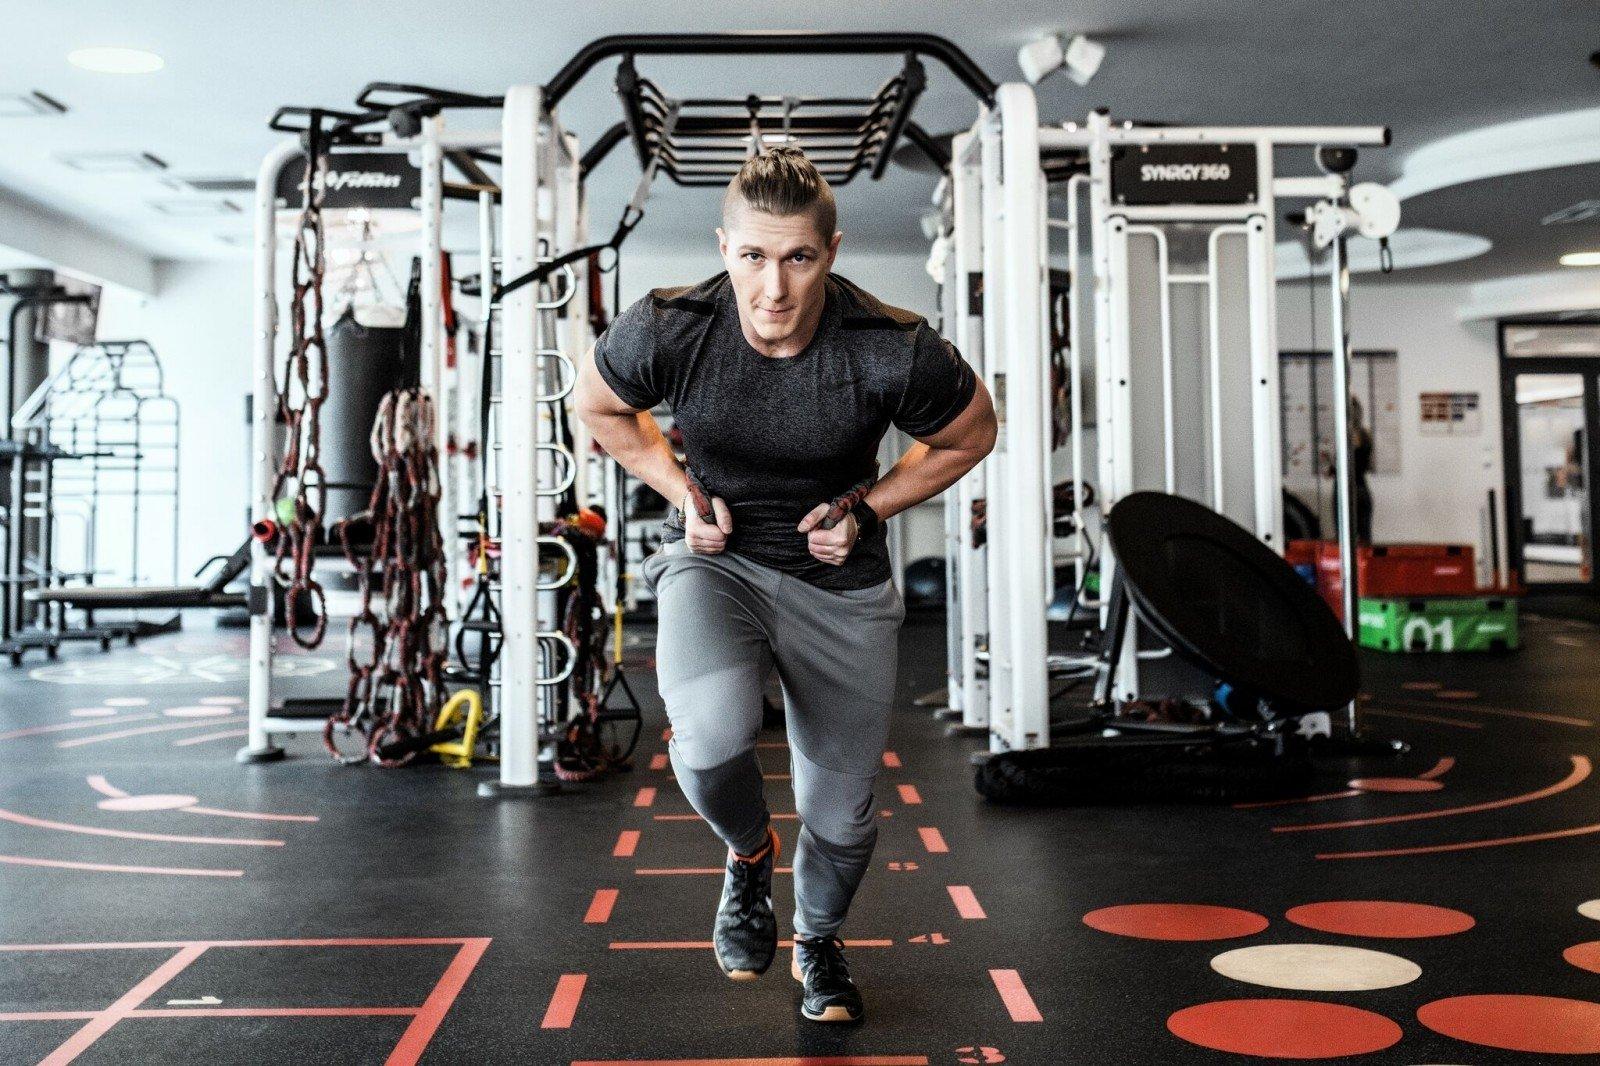 Sportas apsaugo smegenis, bet kokia mankšta yra naudingiausia? - jusukalve.lt